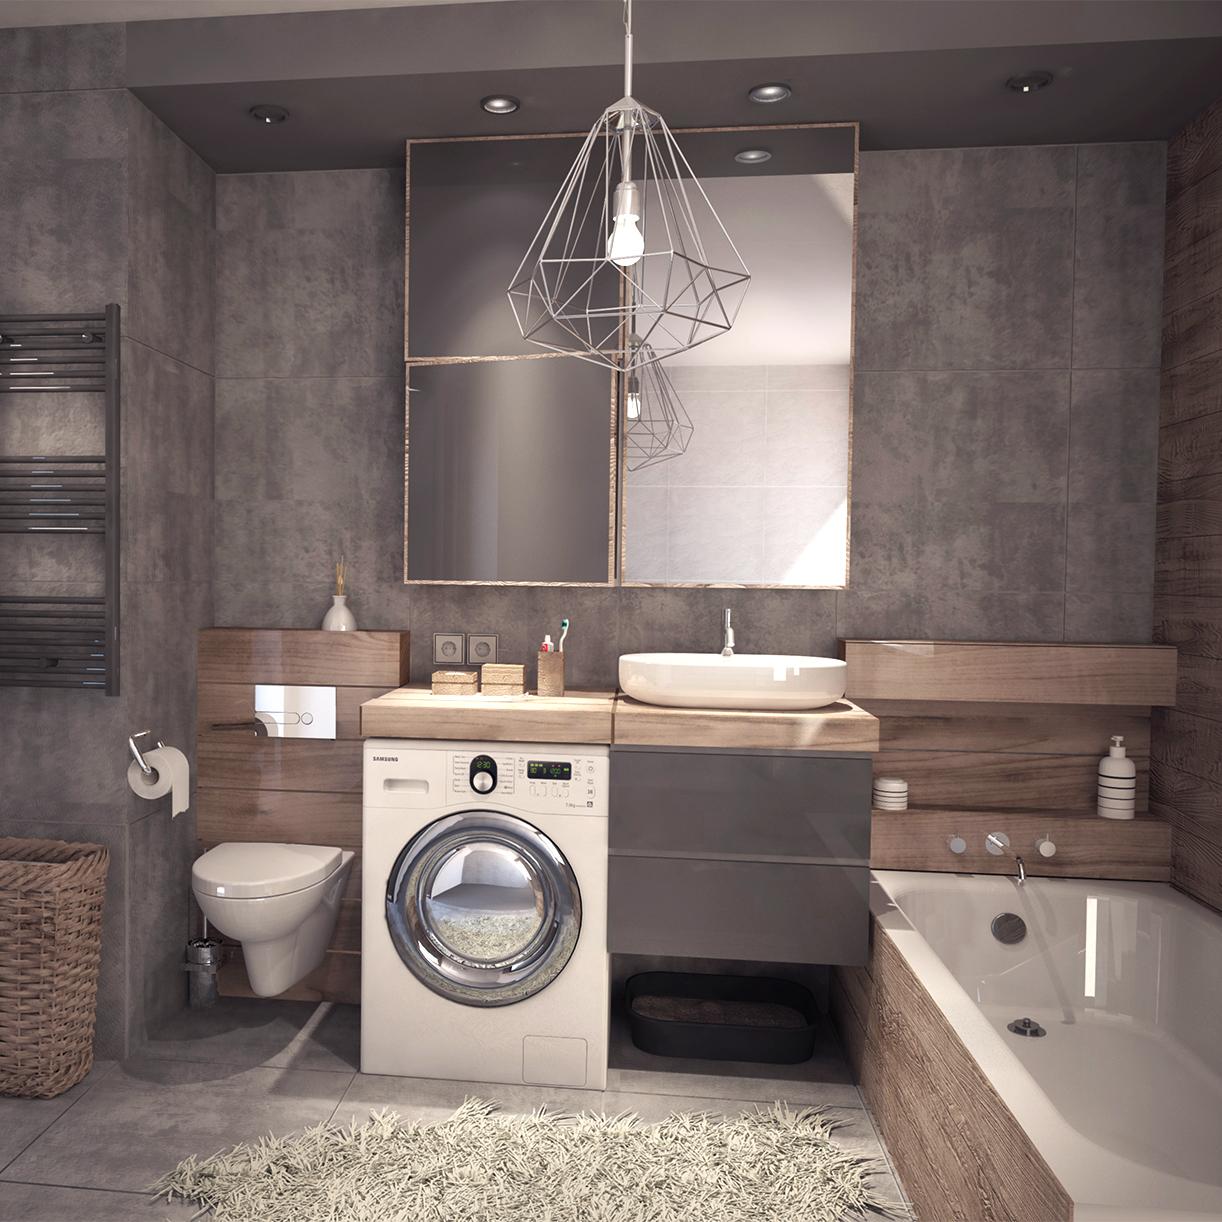 Projekt wnętrza mieszkania - łazienka - płytki beton, drewno. M2 Architektura - Architekci Katowice.